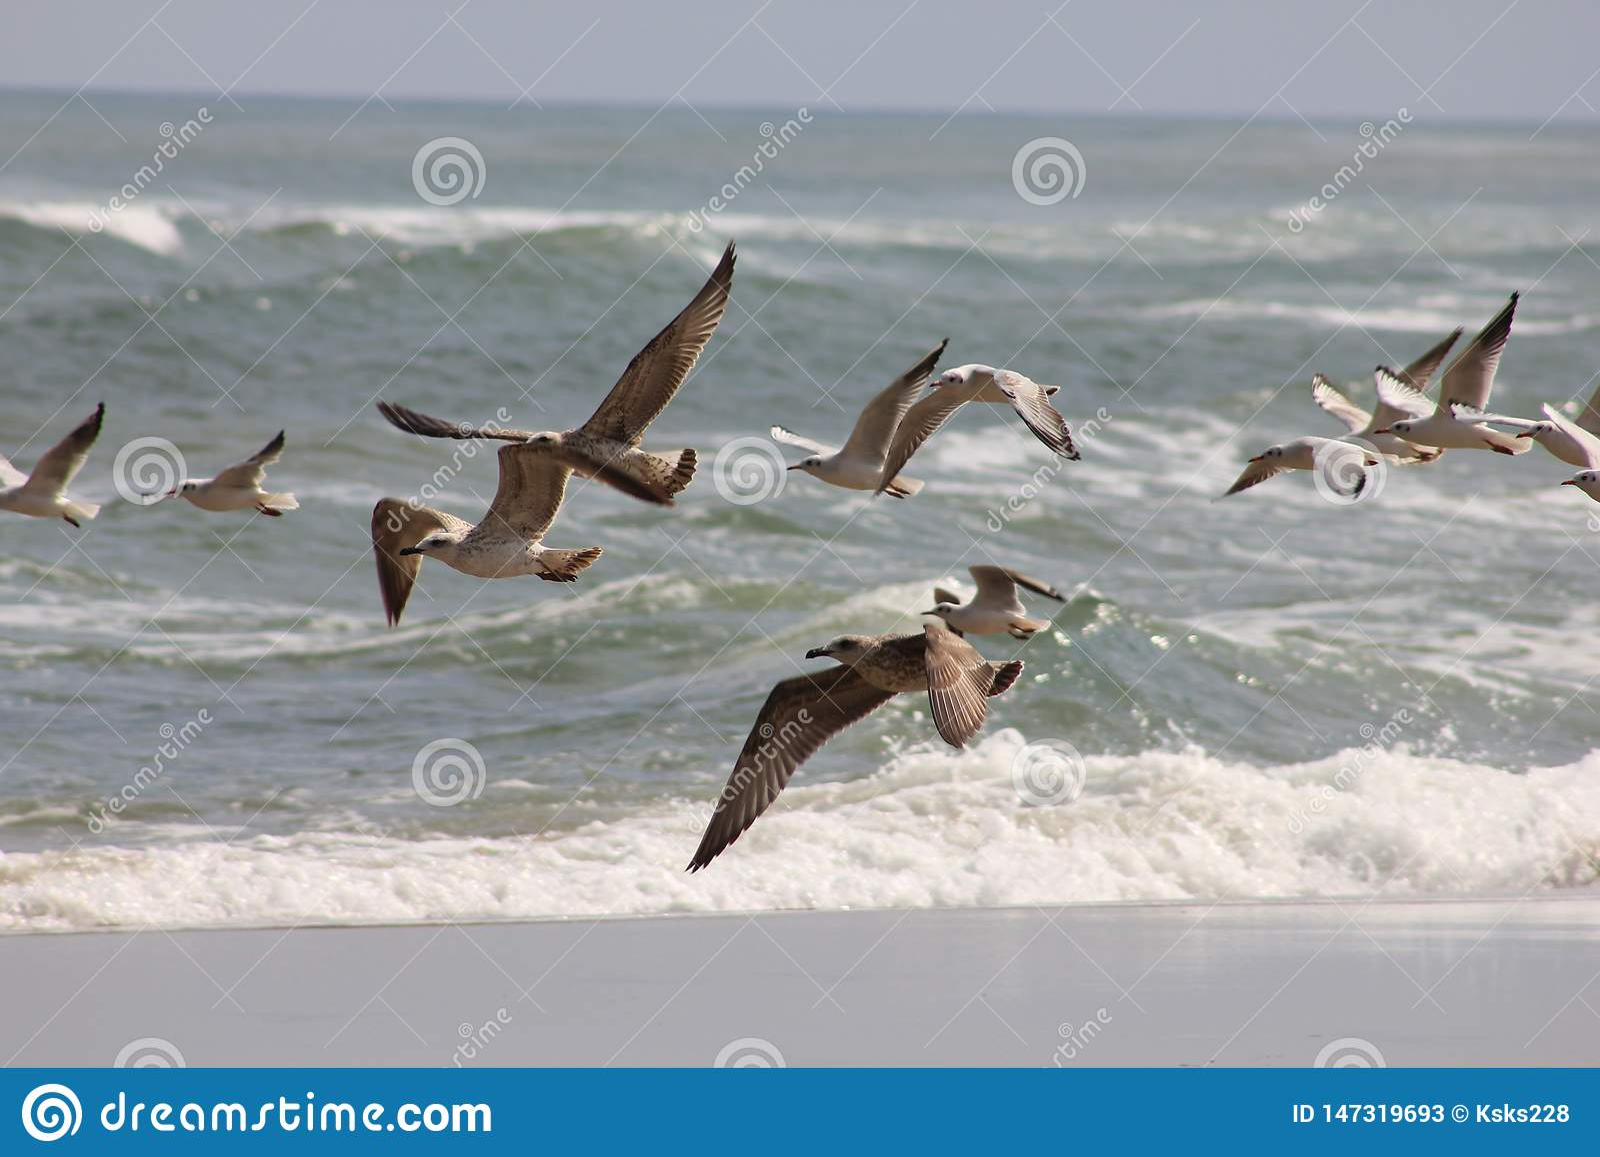 Gaviotas que vuelan contra la perspectiva del mar